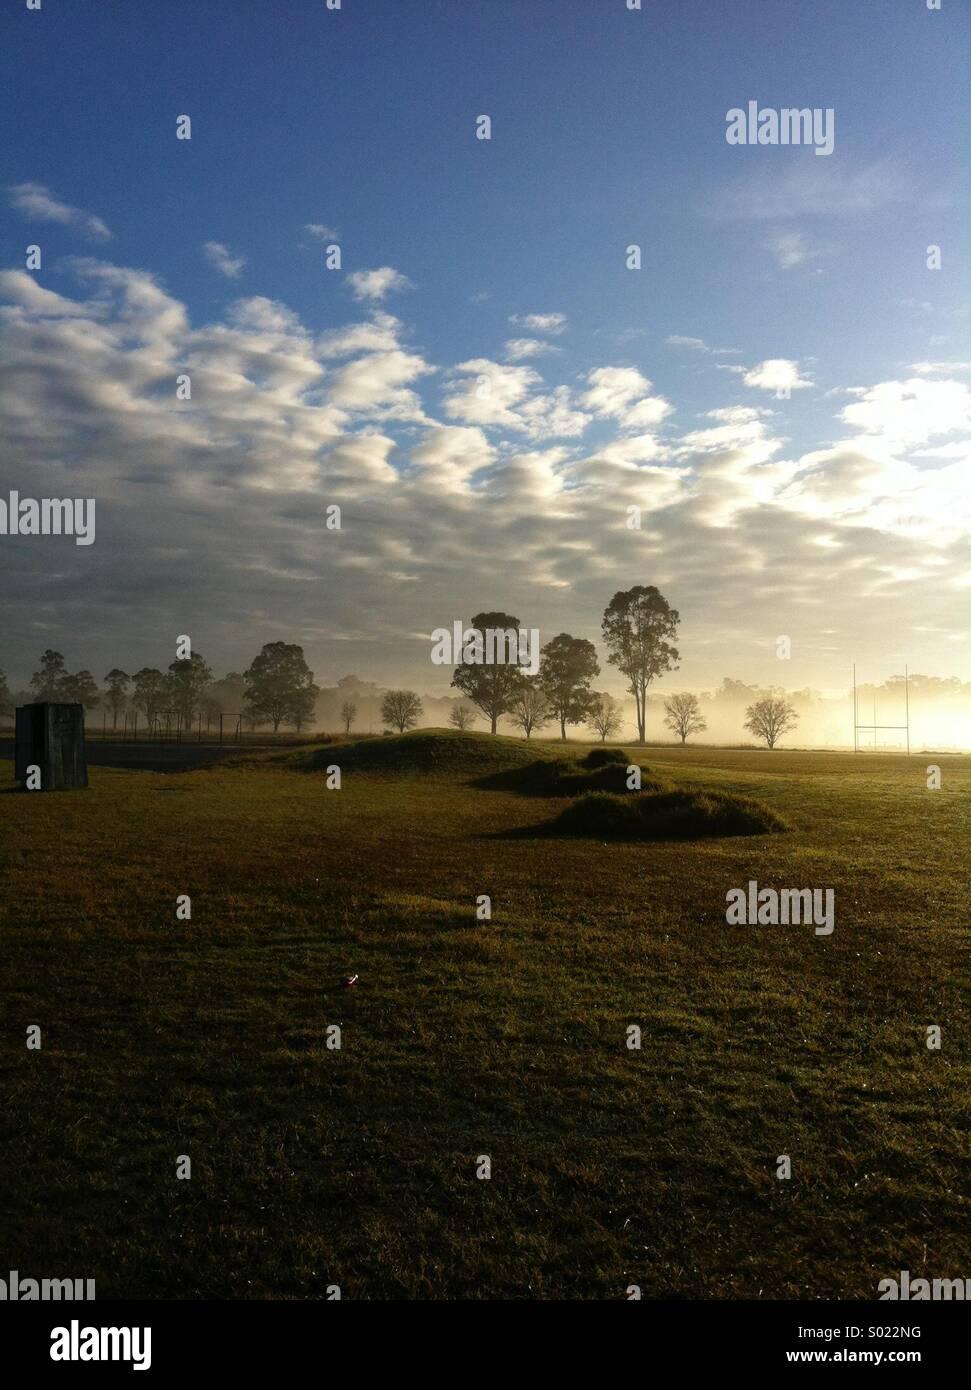 Scène rurale tôt le matin avec ciel nuageux et poteaux de rugby Photo Stock